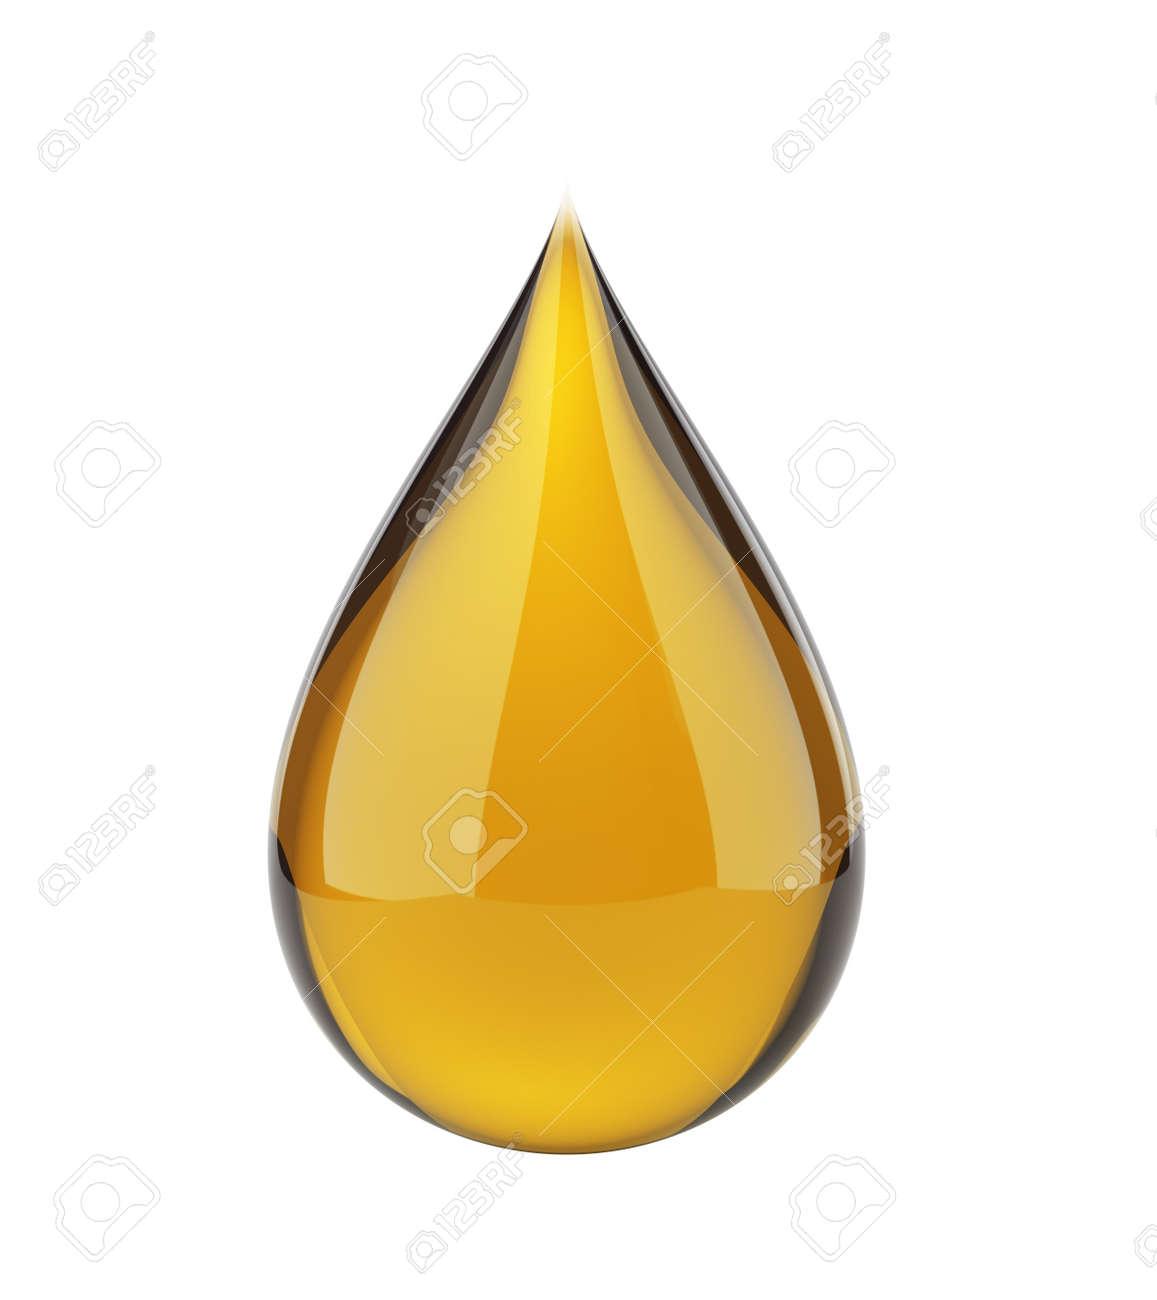 Oil drop on white - 25588131